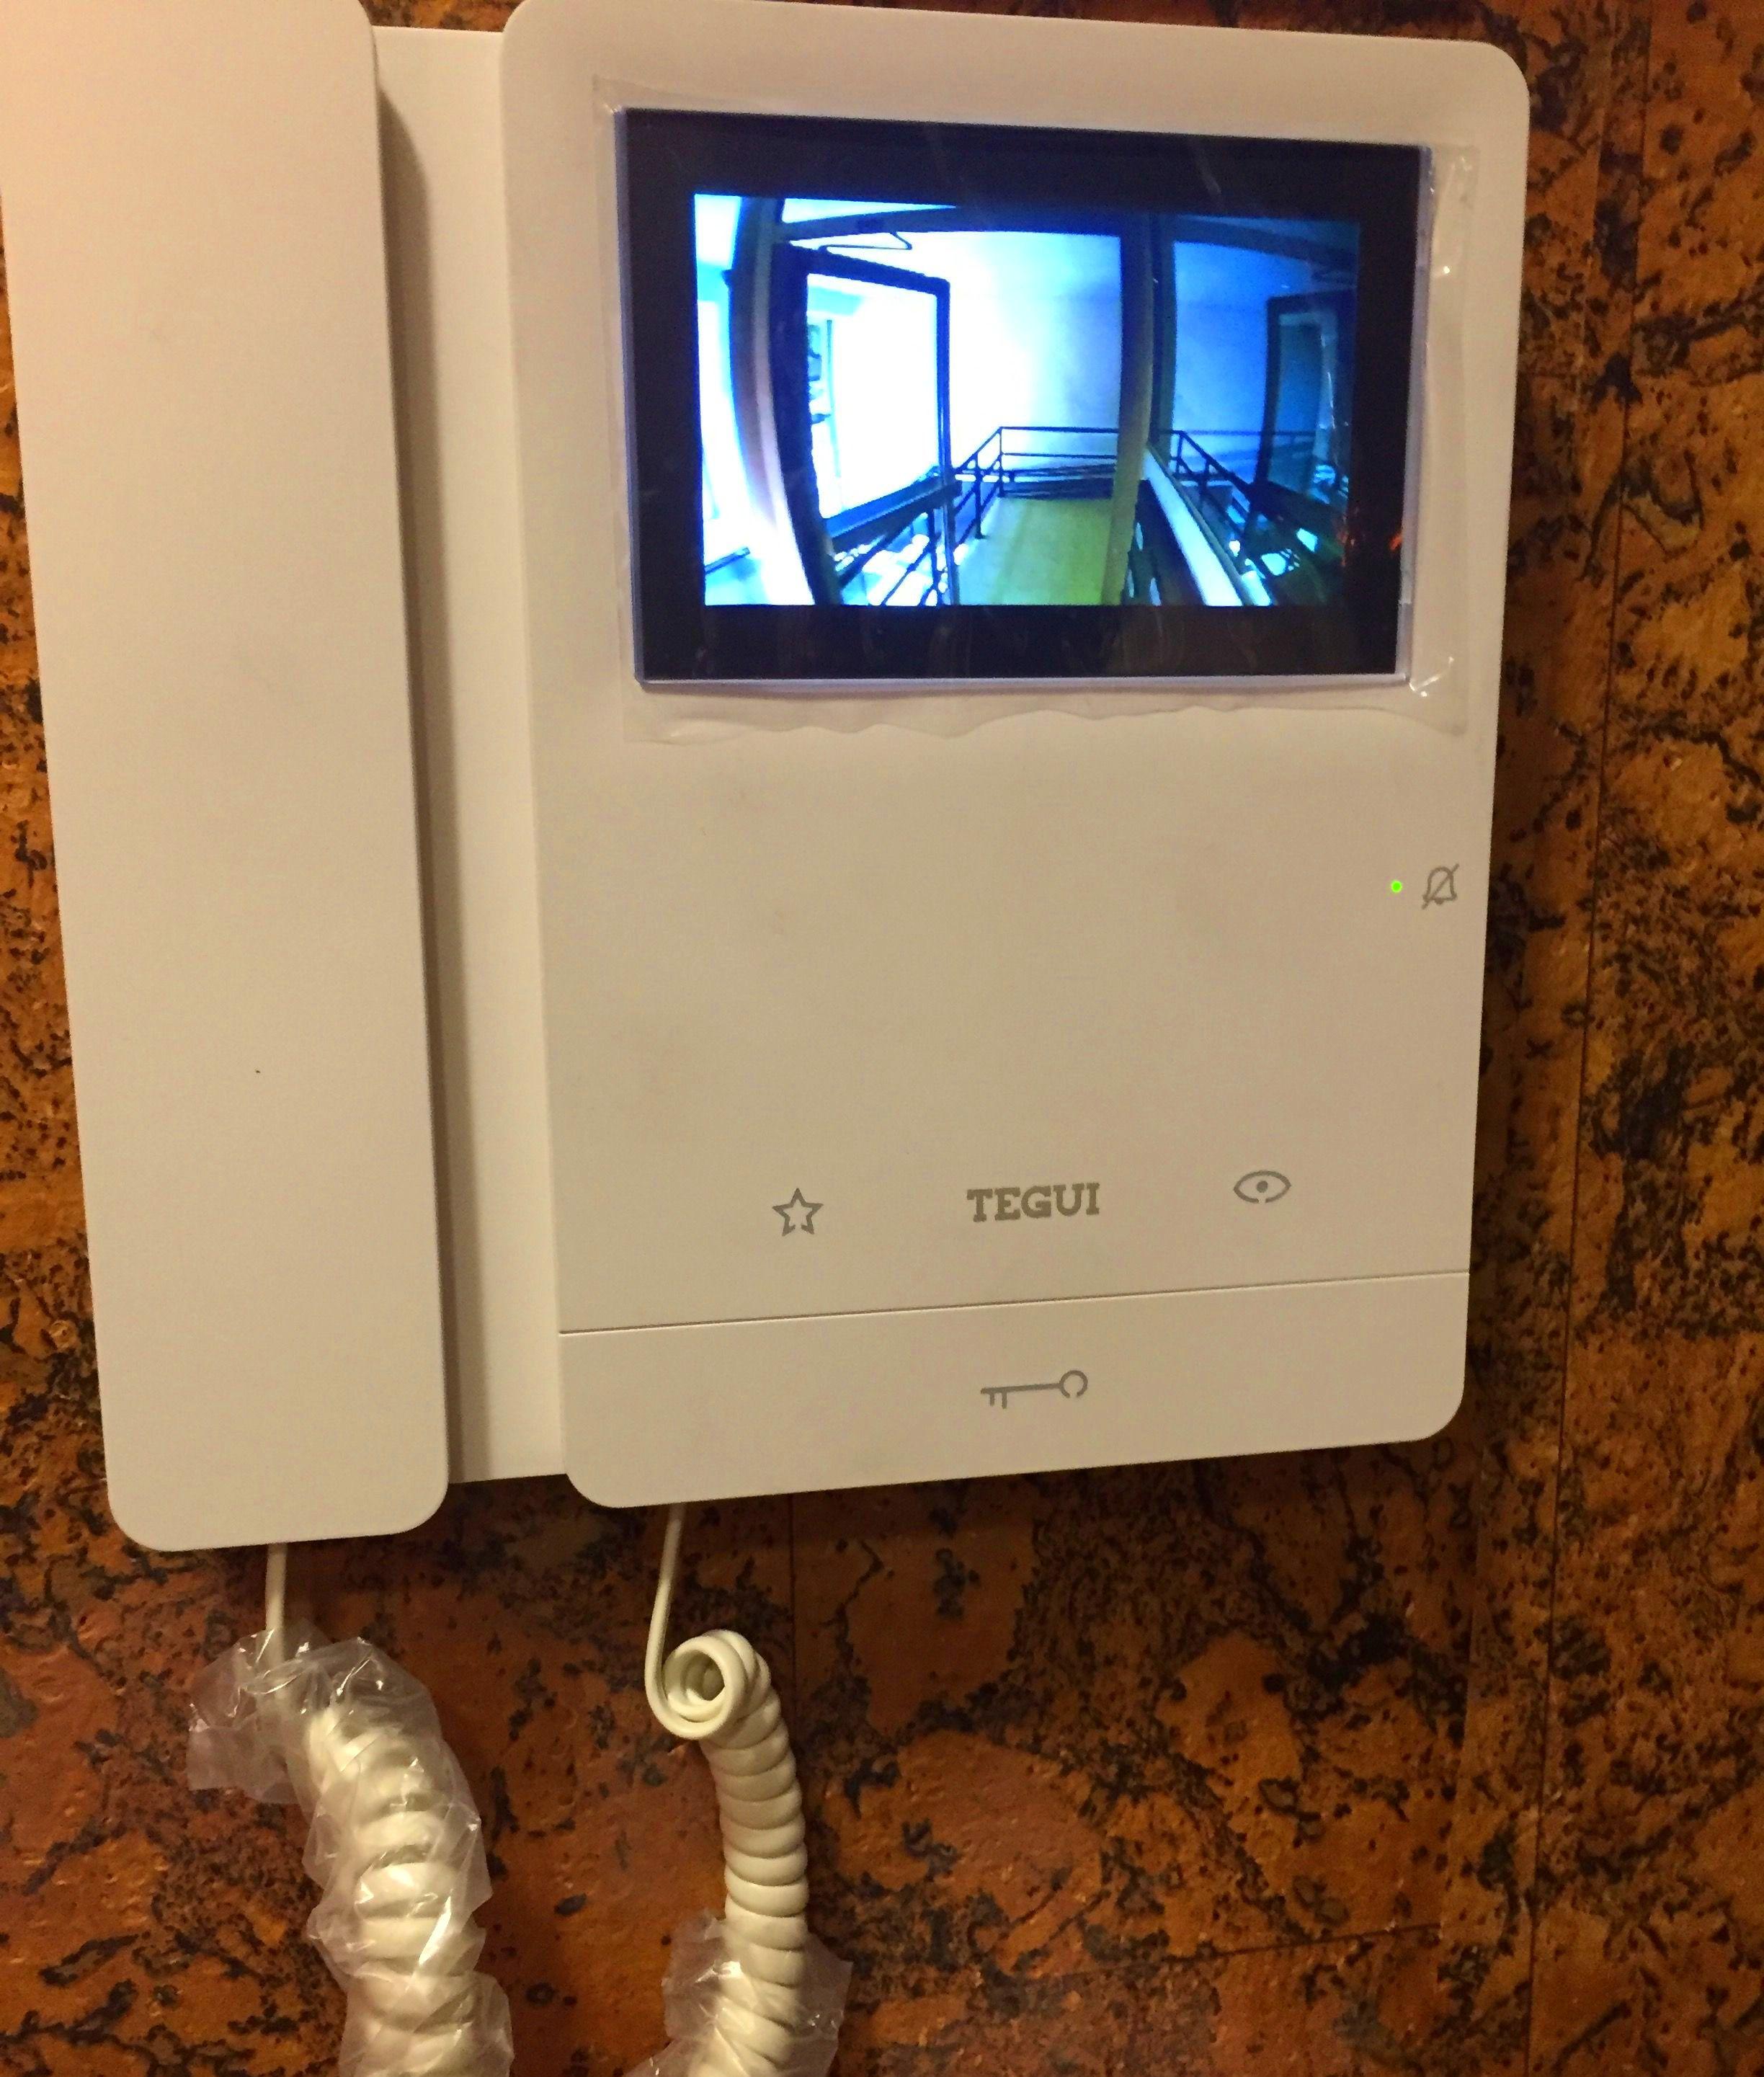 Instalación de Videoporteros en Terrassa.